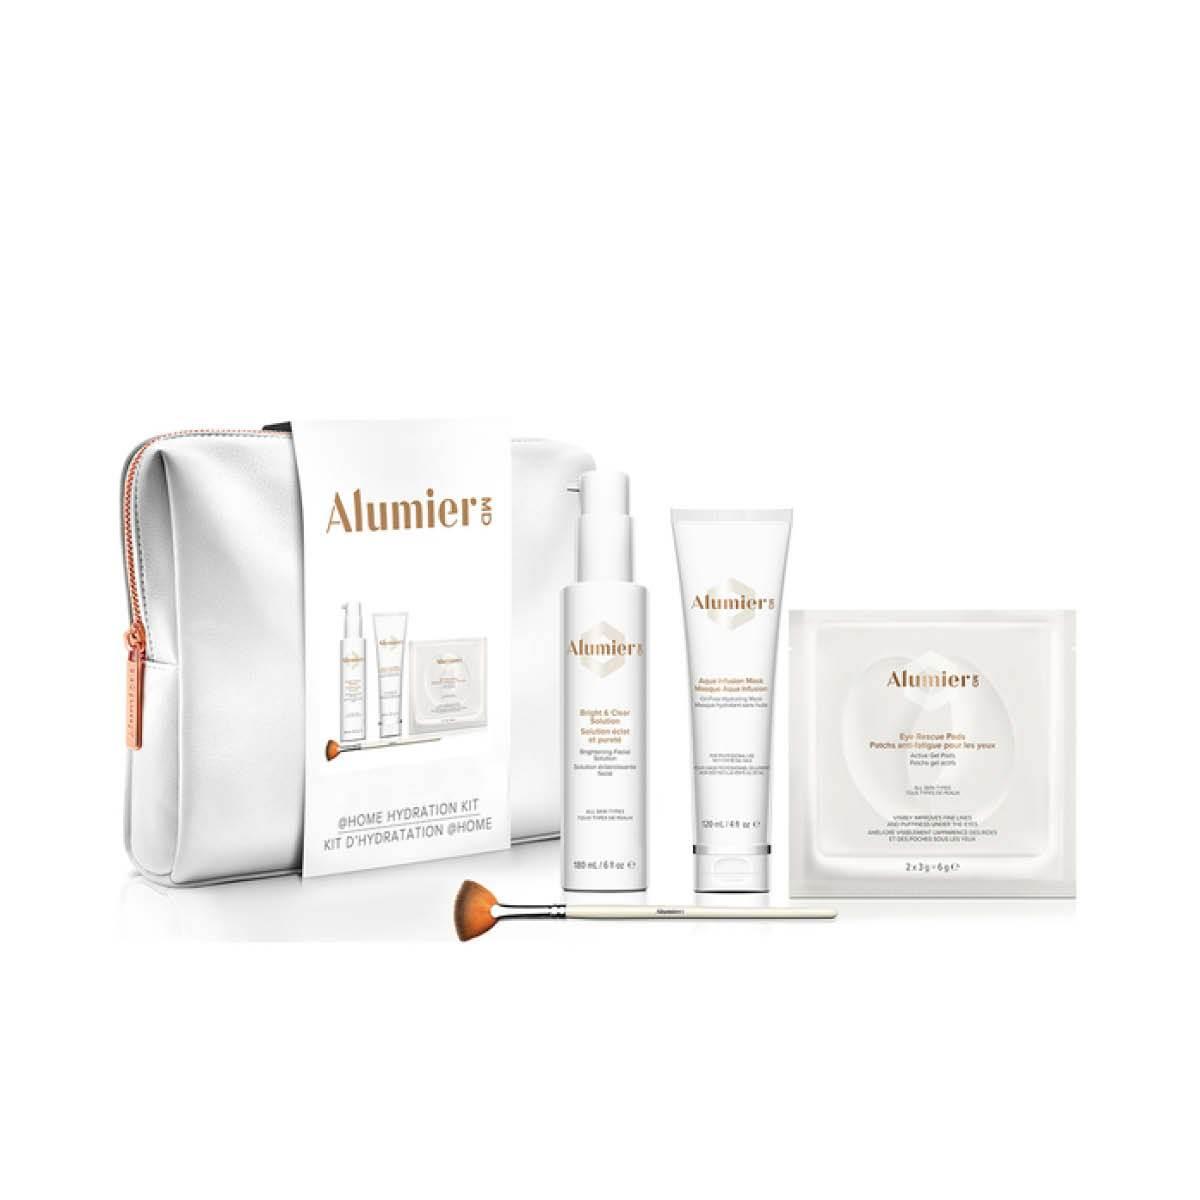 Alumier At Home Hydration Kit Ireland